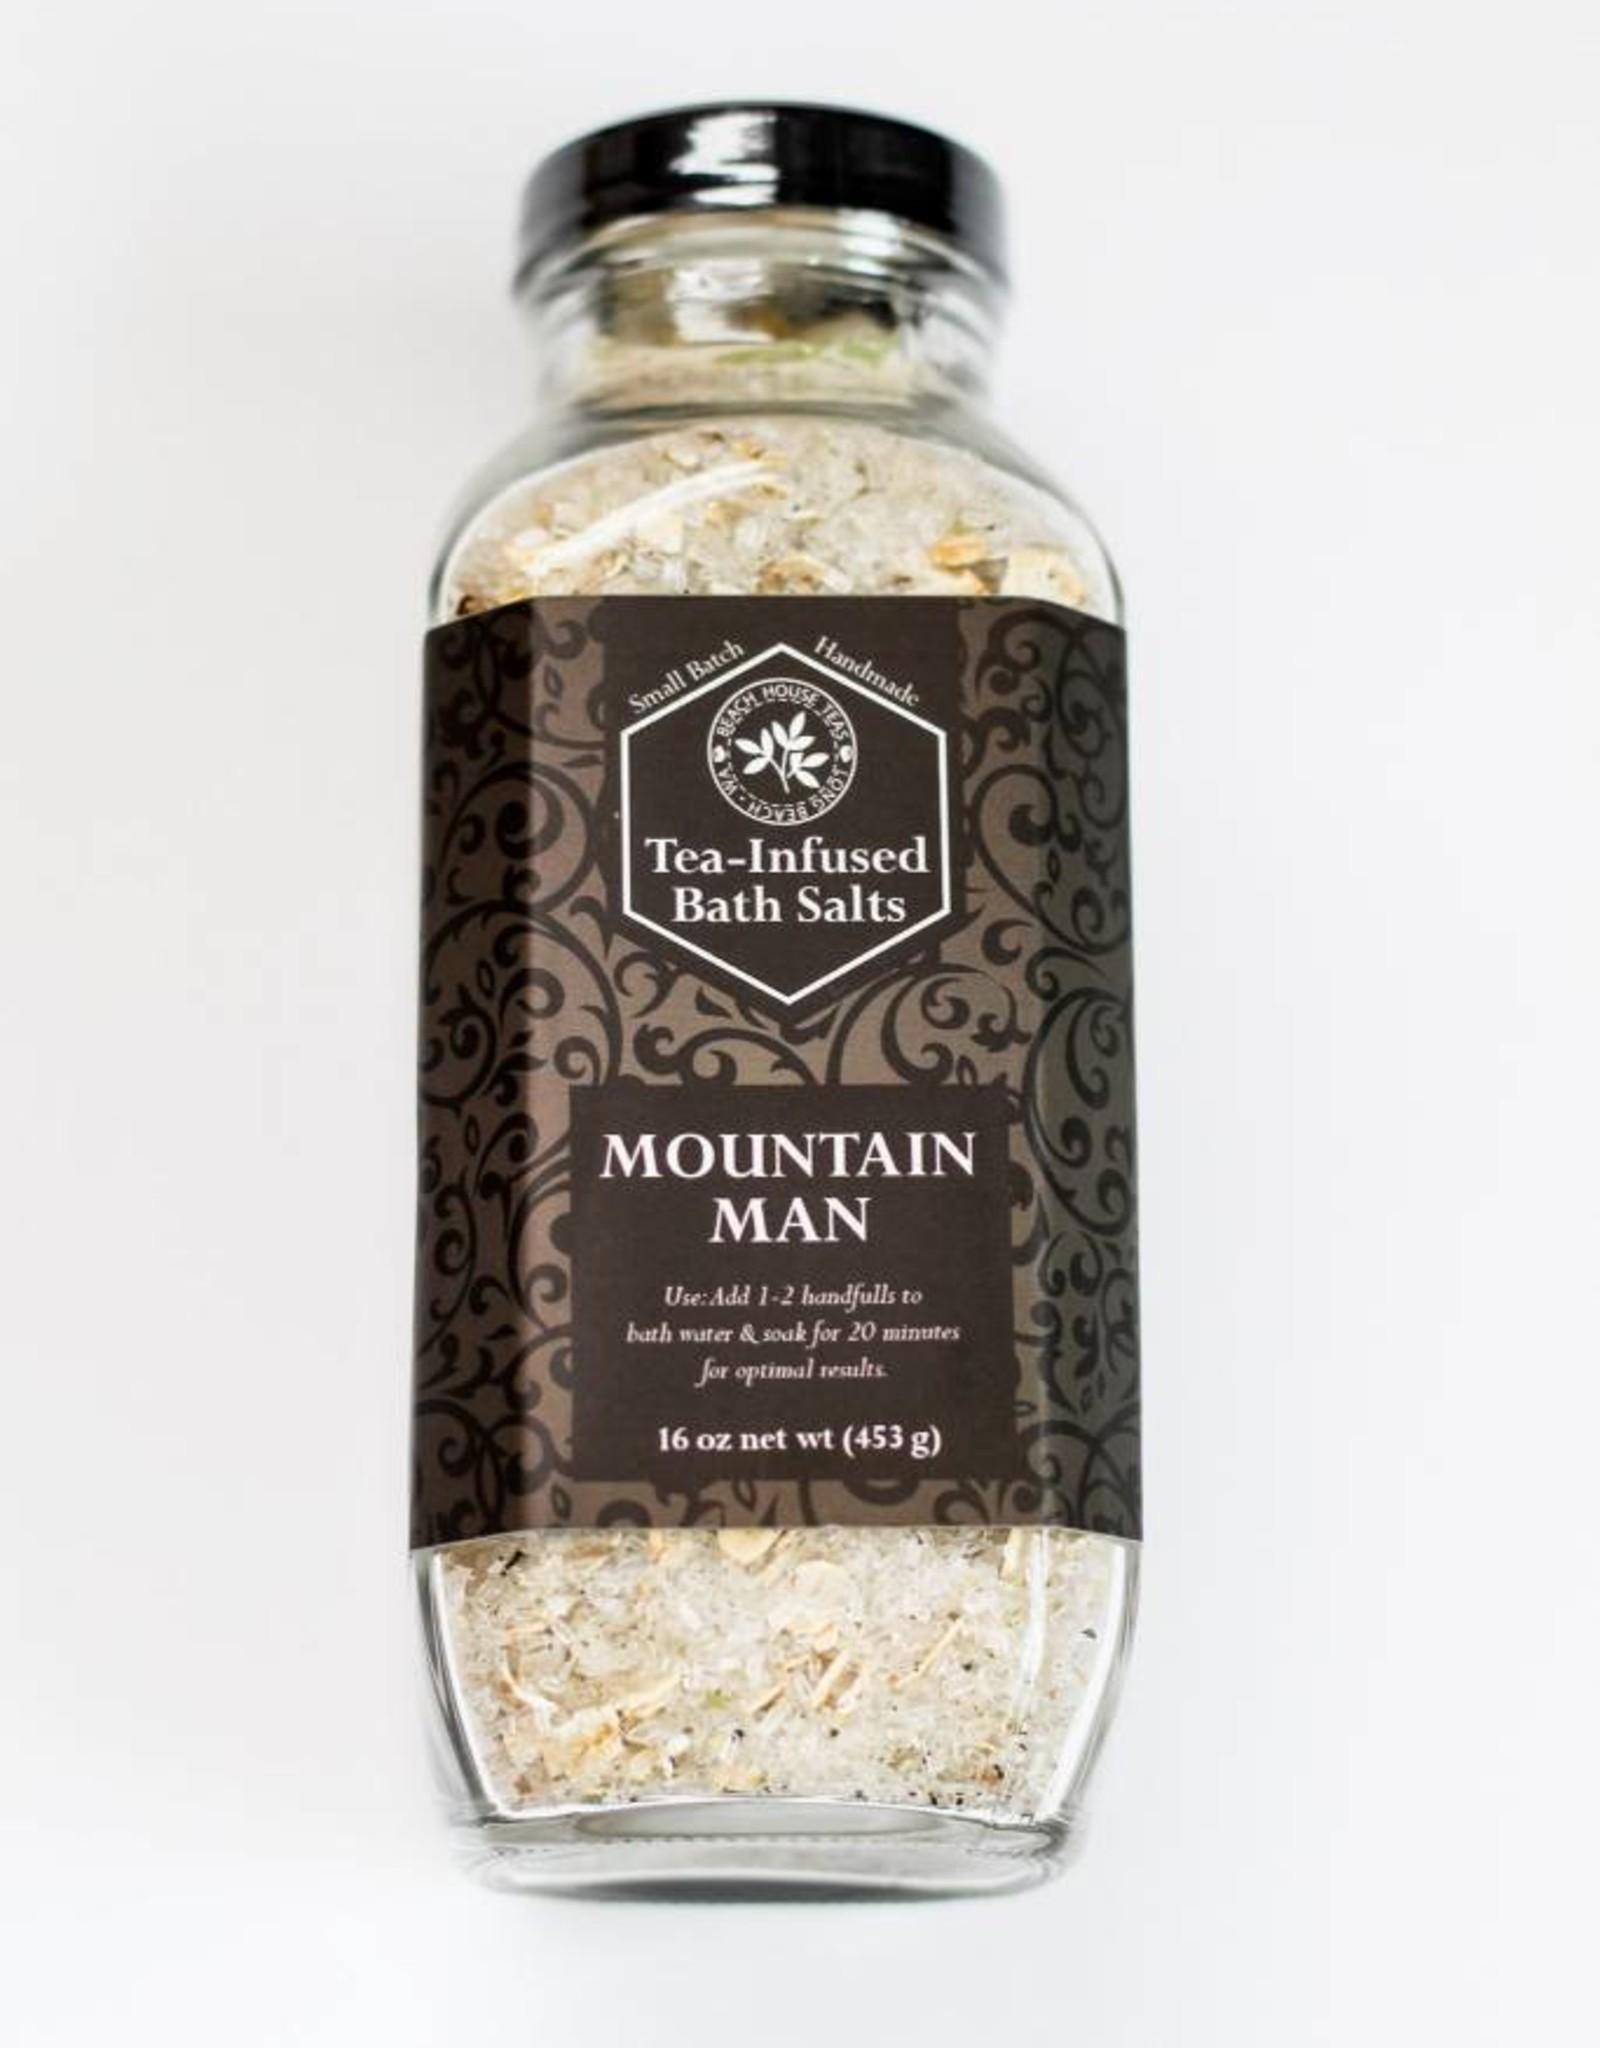 Beach House Teas Bath Salt